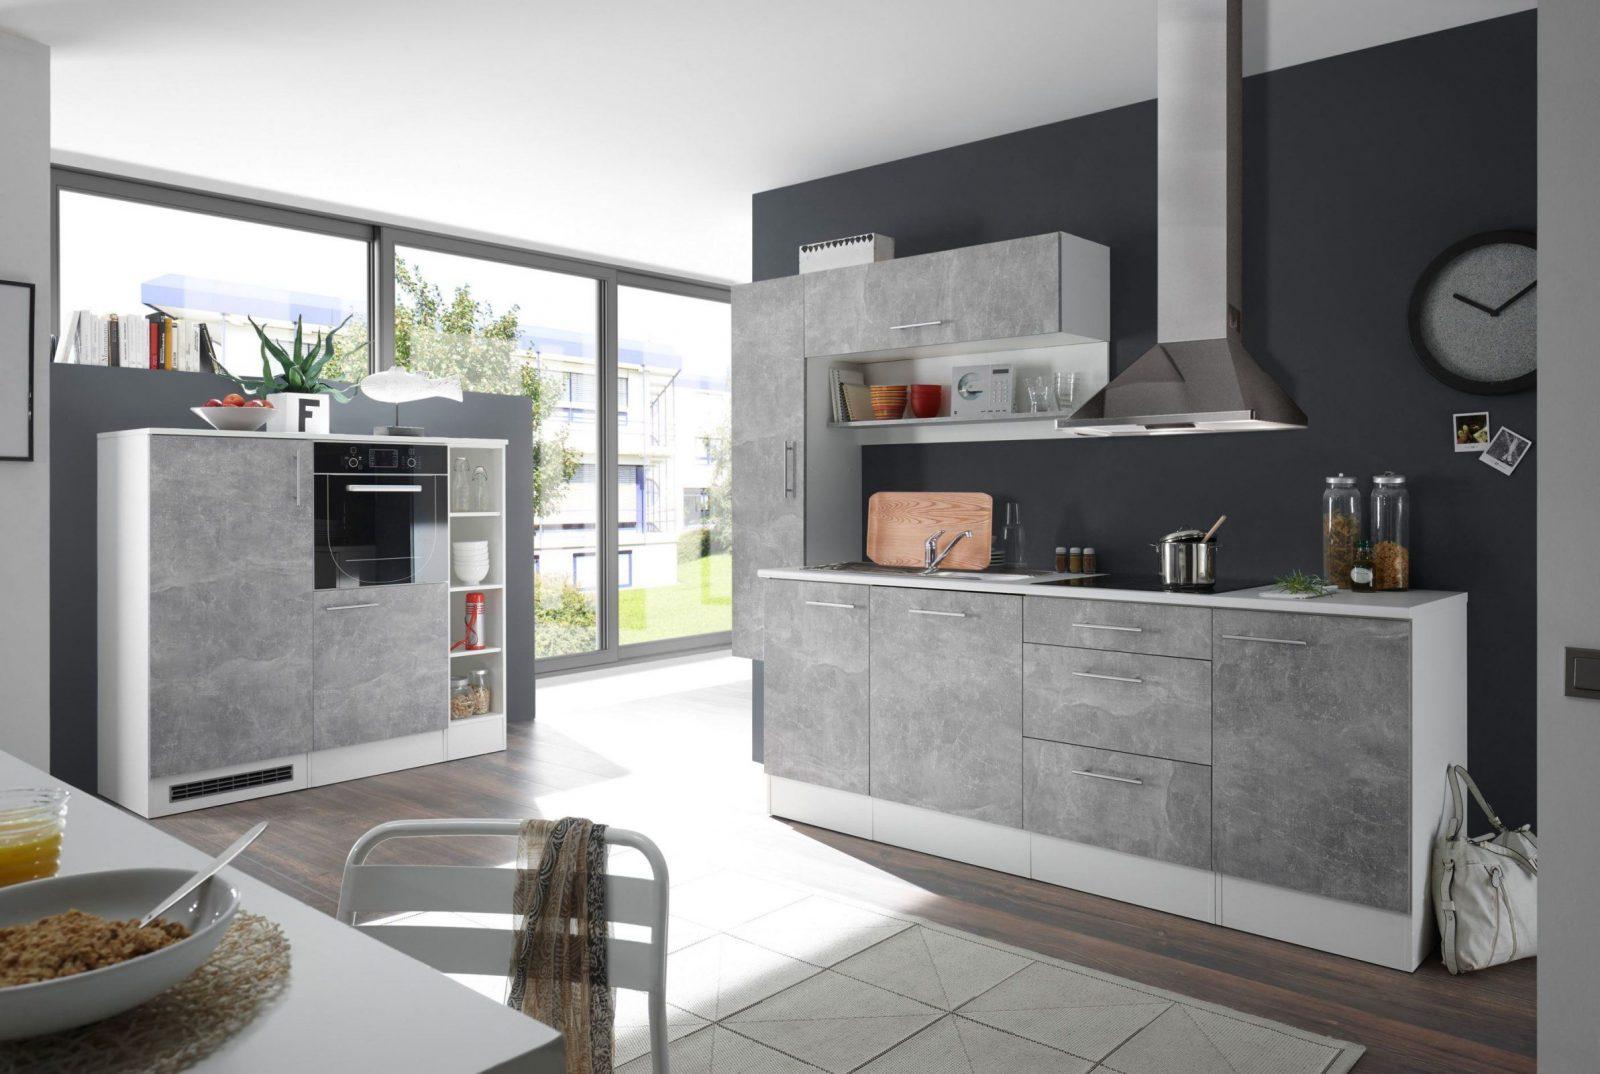 Küche Turn Küchenblock Küchenzeile 260Cm Einbauküche Miniküche von Küchenblock 260 Cm Mit Elektrogeräten Photo